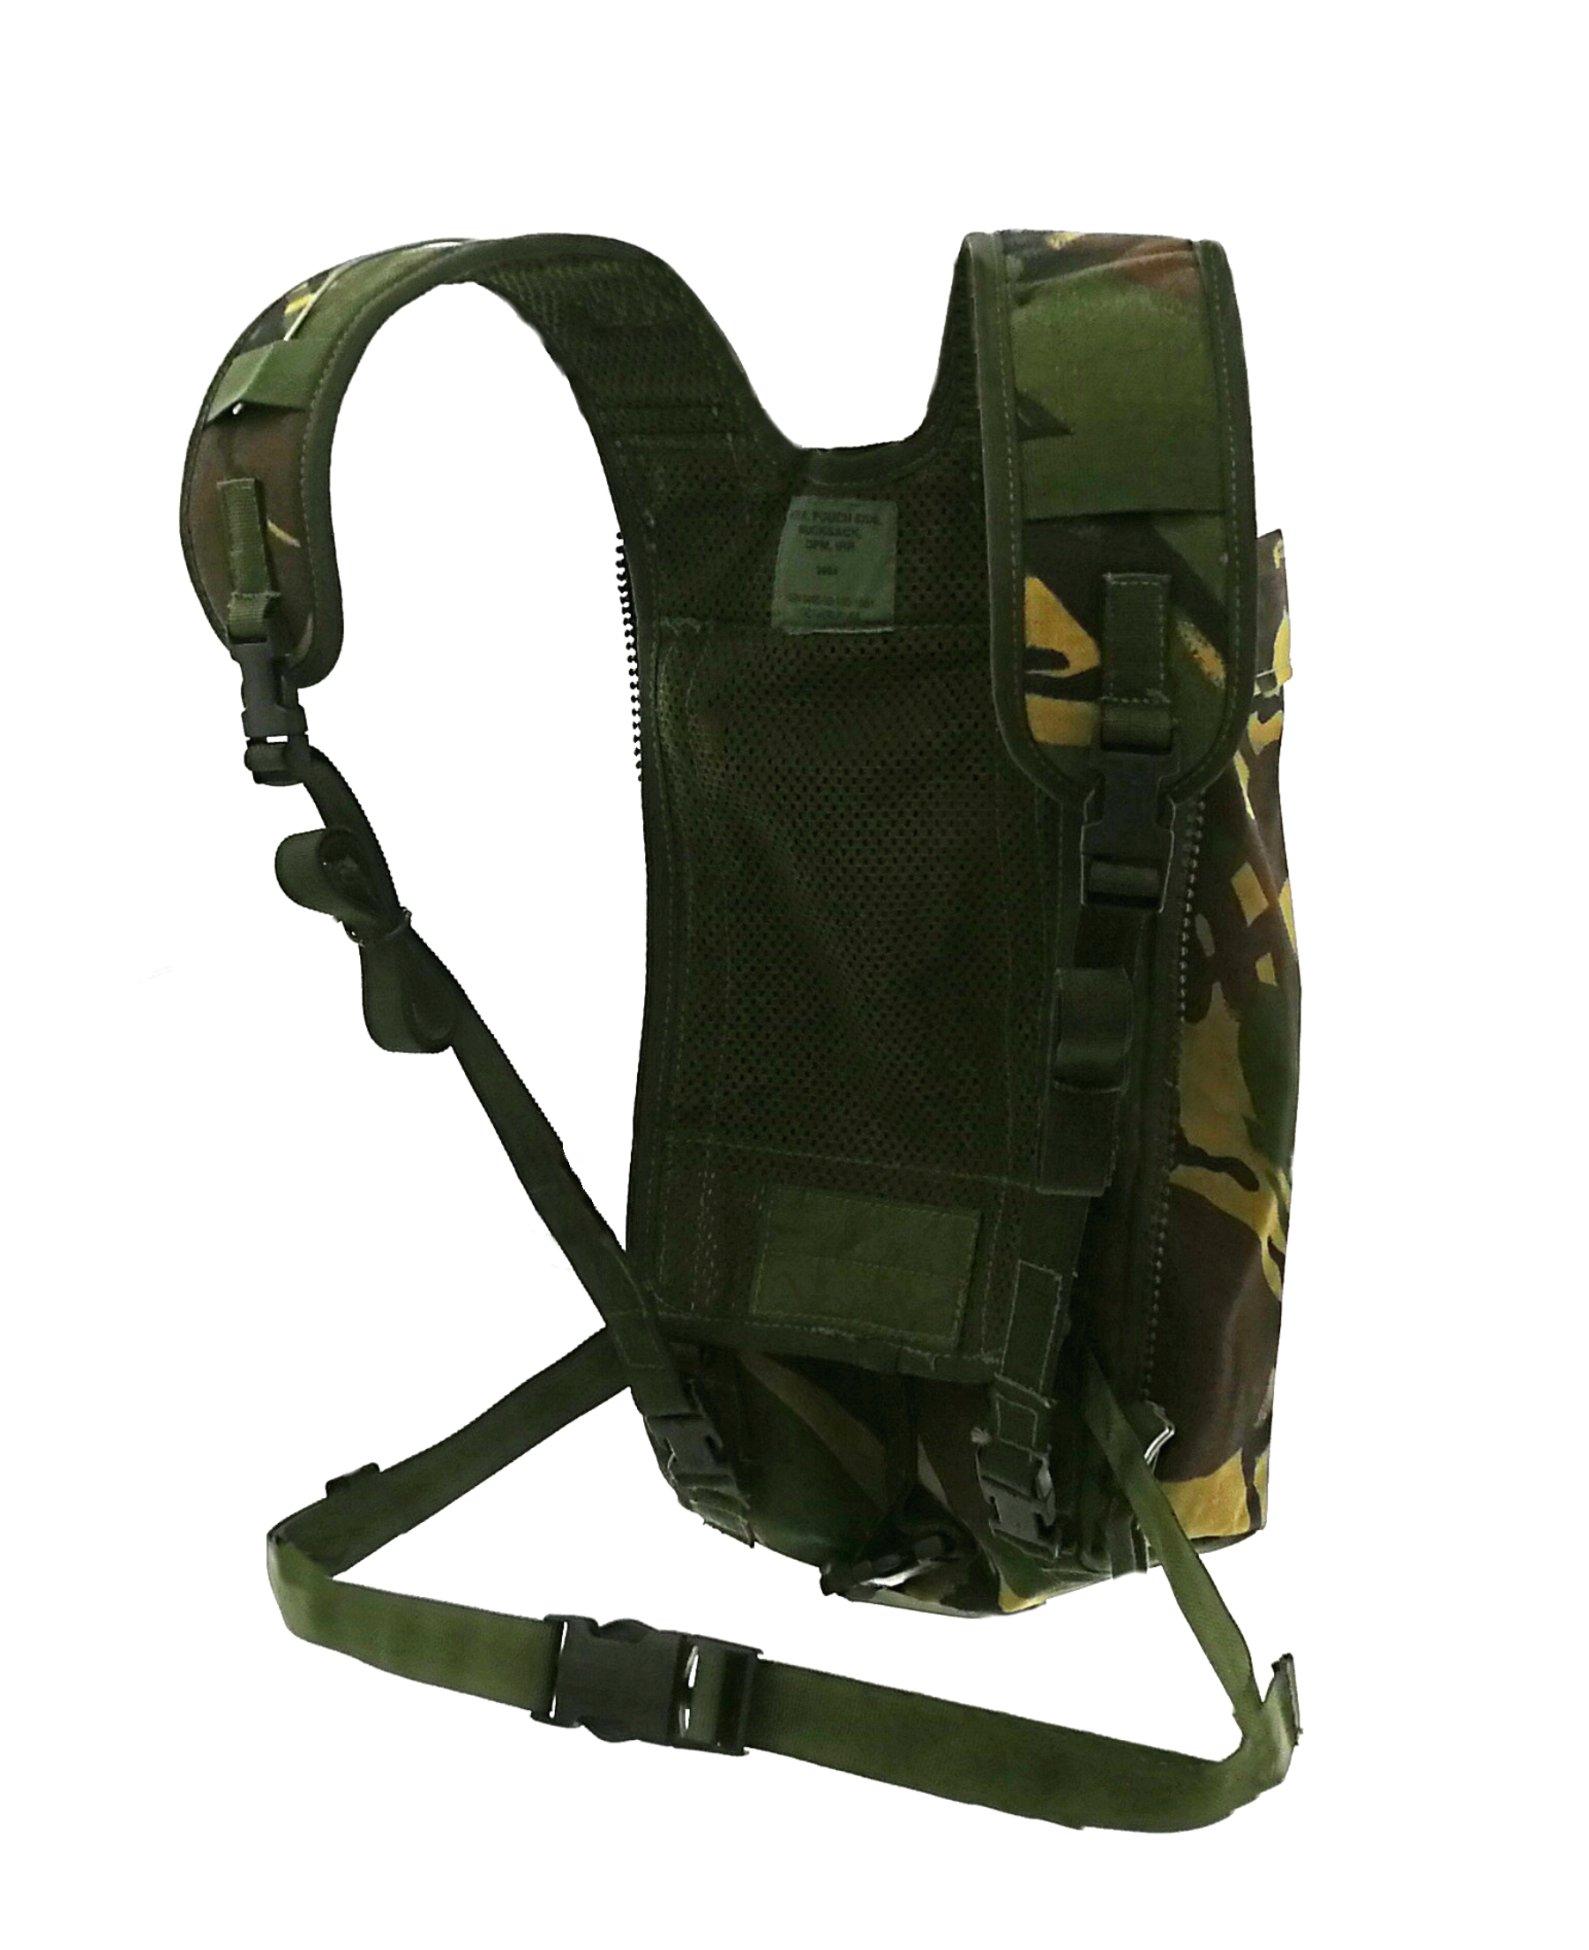 41878e0c19f89 wojskowy plecak szturmowy SIDE POUCH DPM IIG wojna 7503401523 - Allegro.pl